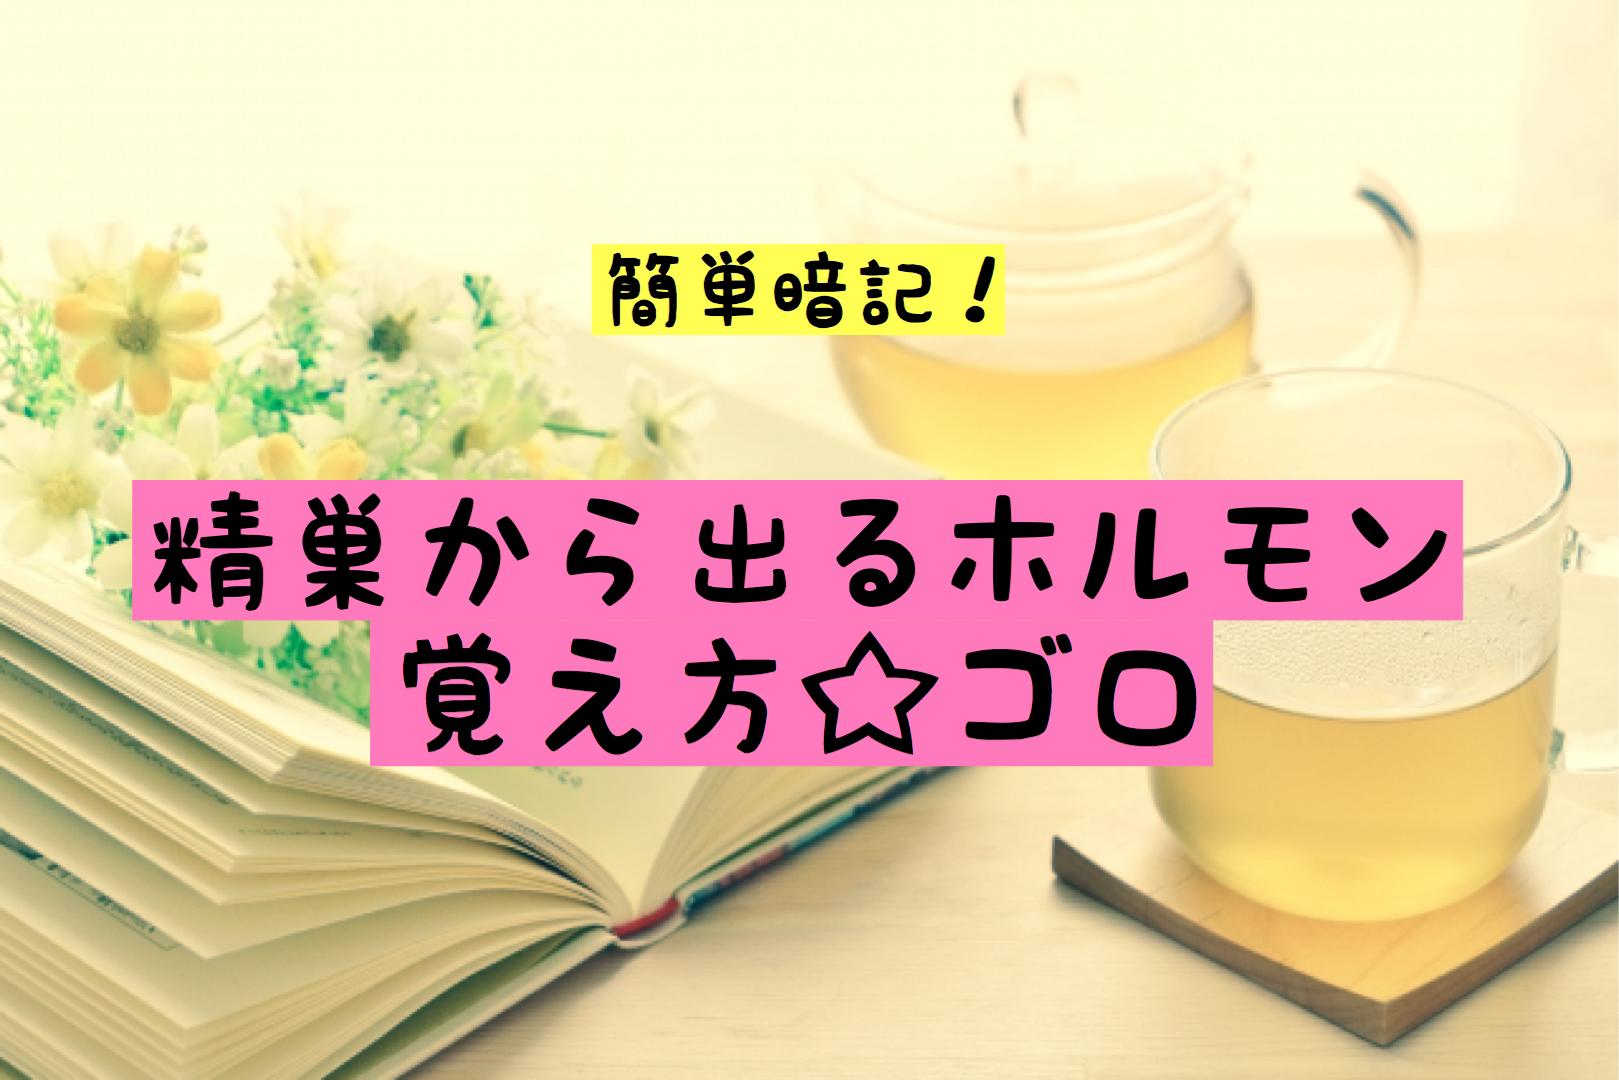 精巣 ホルモン ゴロ 暗記